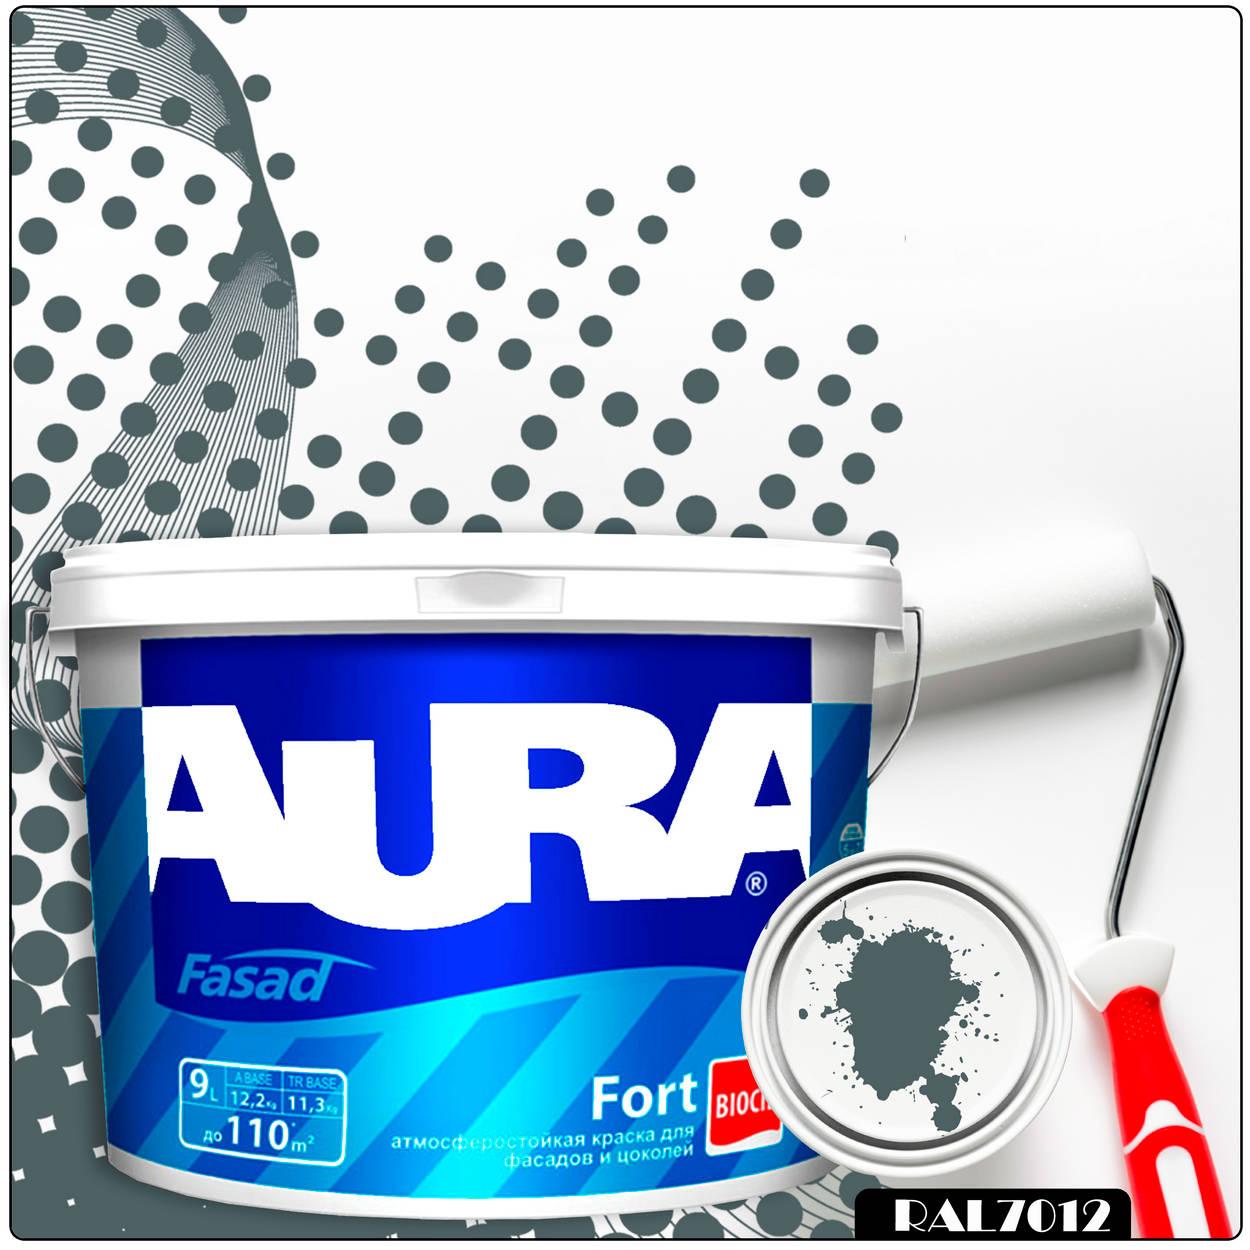 Фото 11 - Краска Aura Fasad Fort, RAL 7012 Серый базальт, латексная, матовая, для фасада и цоколей, 9л, Аура.